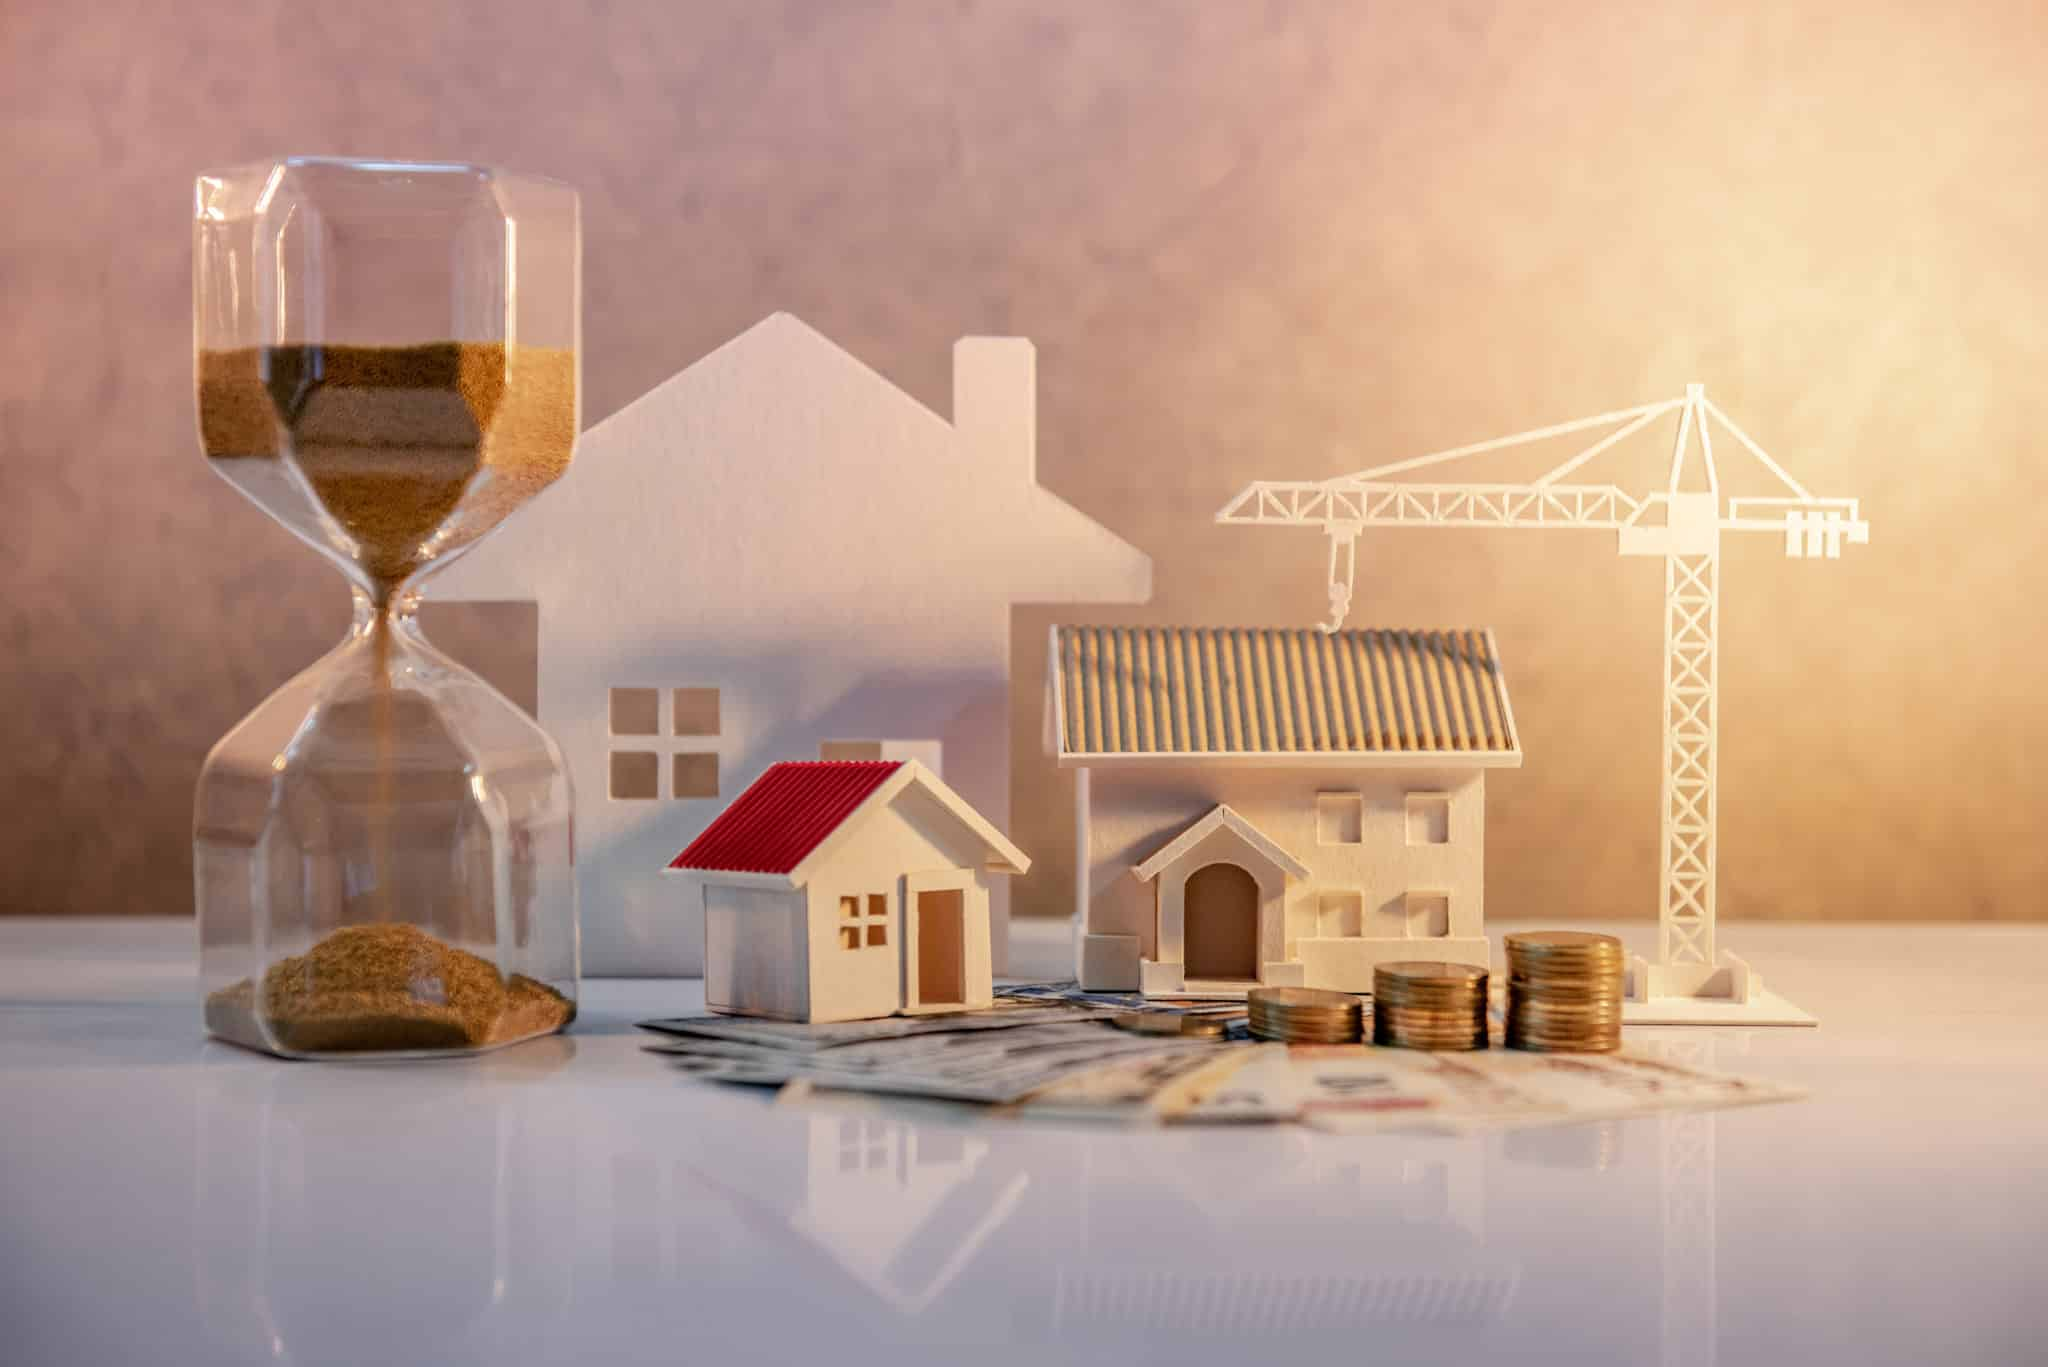 Achat immobilier : comment fonctionne l'achat immobilier avec la loi Pinel ?